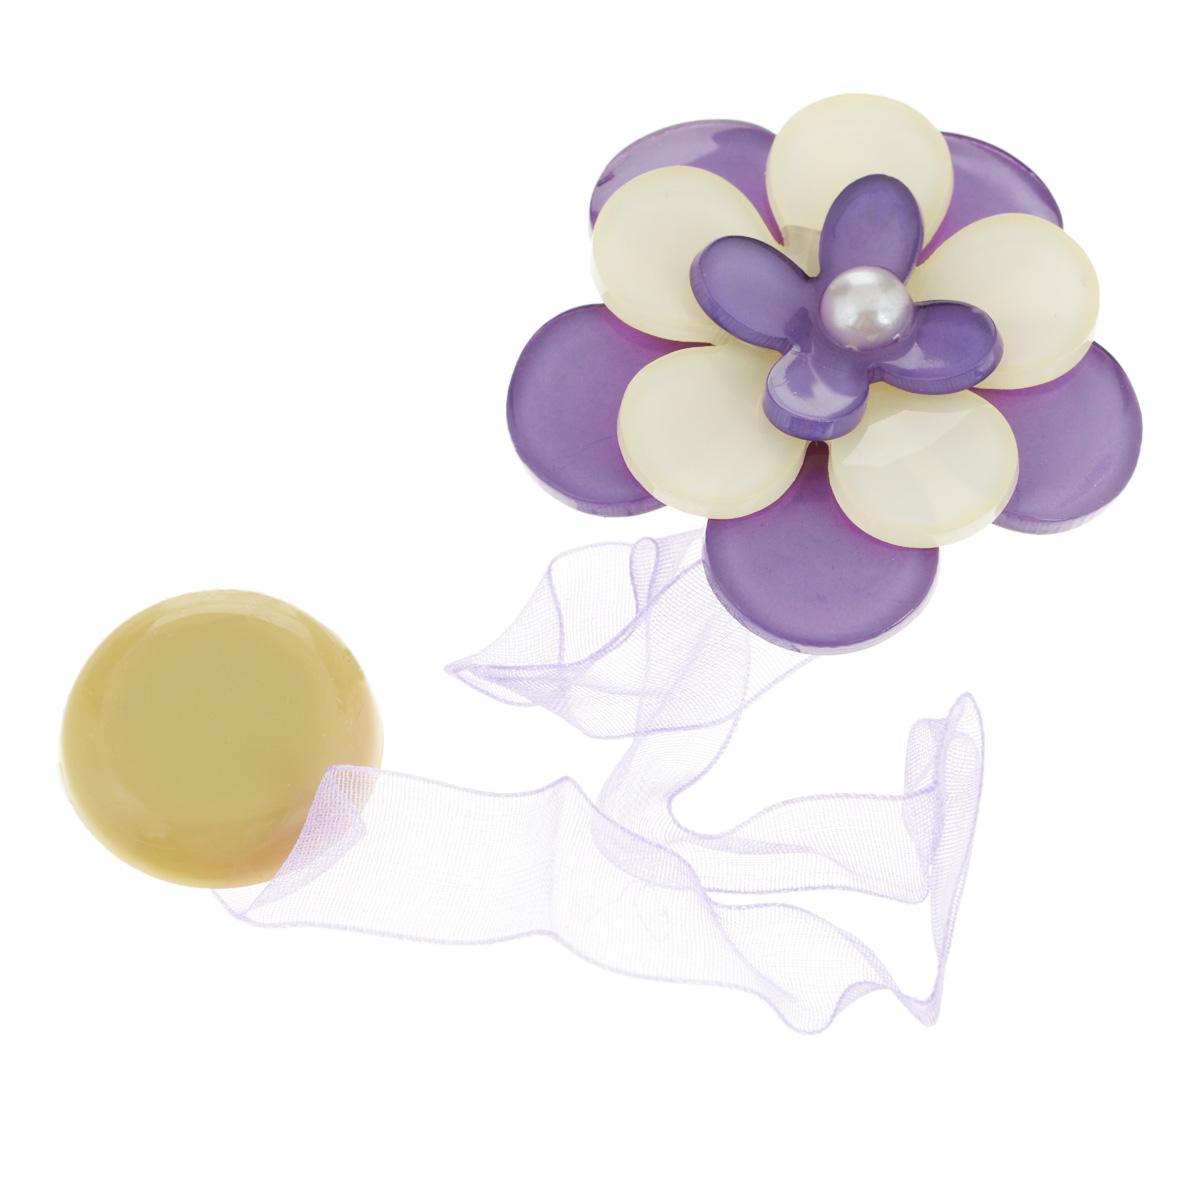 Клипса-магнит для штор Calamita Fiore, цвет: сиреневый, бежевый. 7704013_646K100Клипса-магнит Calamita Fiore, изготовленная из пластика и полиэстера, предназначена для придания формы шторам. Изделие представляет собой два магнита, расположенные на разных концах текстильной ленты. Один из магнитов оформлен декоративным цветком. С помощью такой магнитной клипсы можно зафиксировать портьеры, придать им требуемое положение, сделать складки симметричными или приблизить портьеры, скрепить их. Клипсы для штор являются универсальным изделием, которое превосходно подойдет как для штор в детской комнате, так и для штор в гостиной. Следует отметить, что клипсы для штор выполняют не только практическую функцию, но также являются одной из основных деталей декора, которая придает шторам восхитительный, стильный внешний вид.Диаметр декоративного цветка: 5 см.Длина ленты: 28 см.